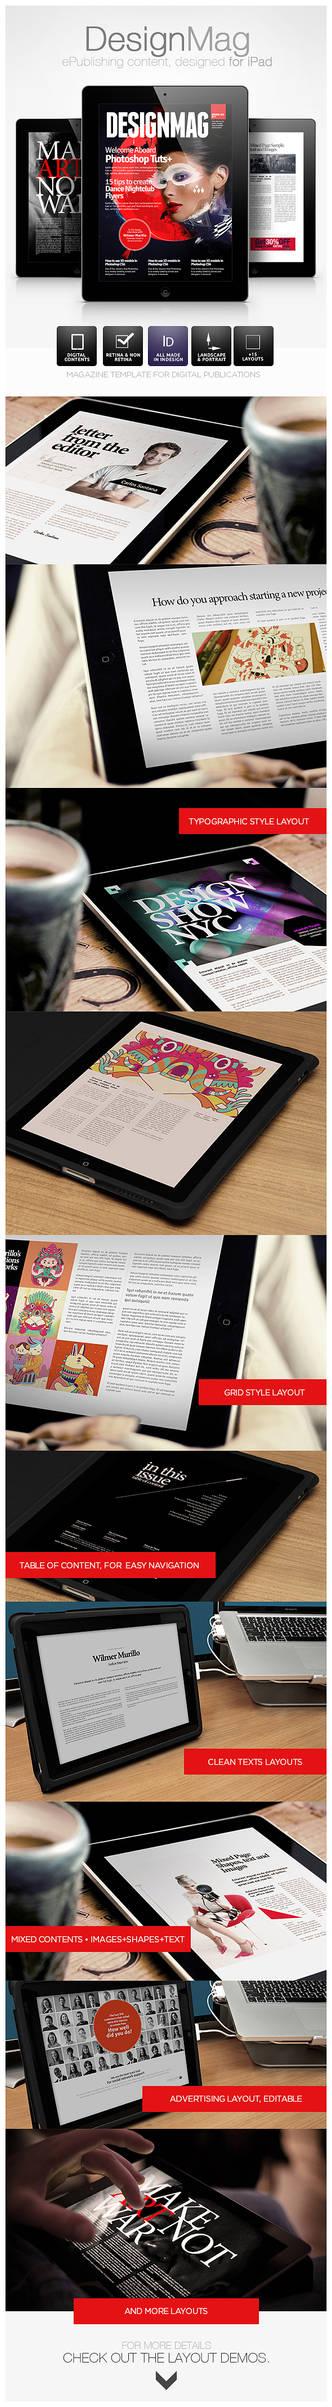 DesignMag iPad Magazine Template